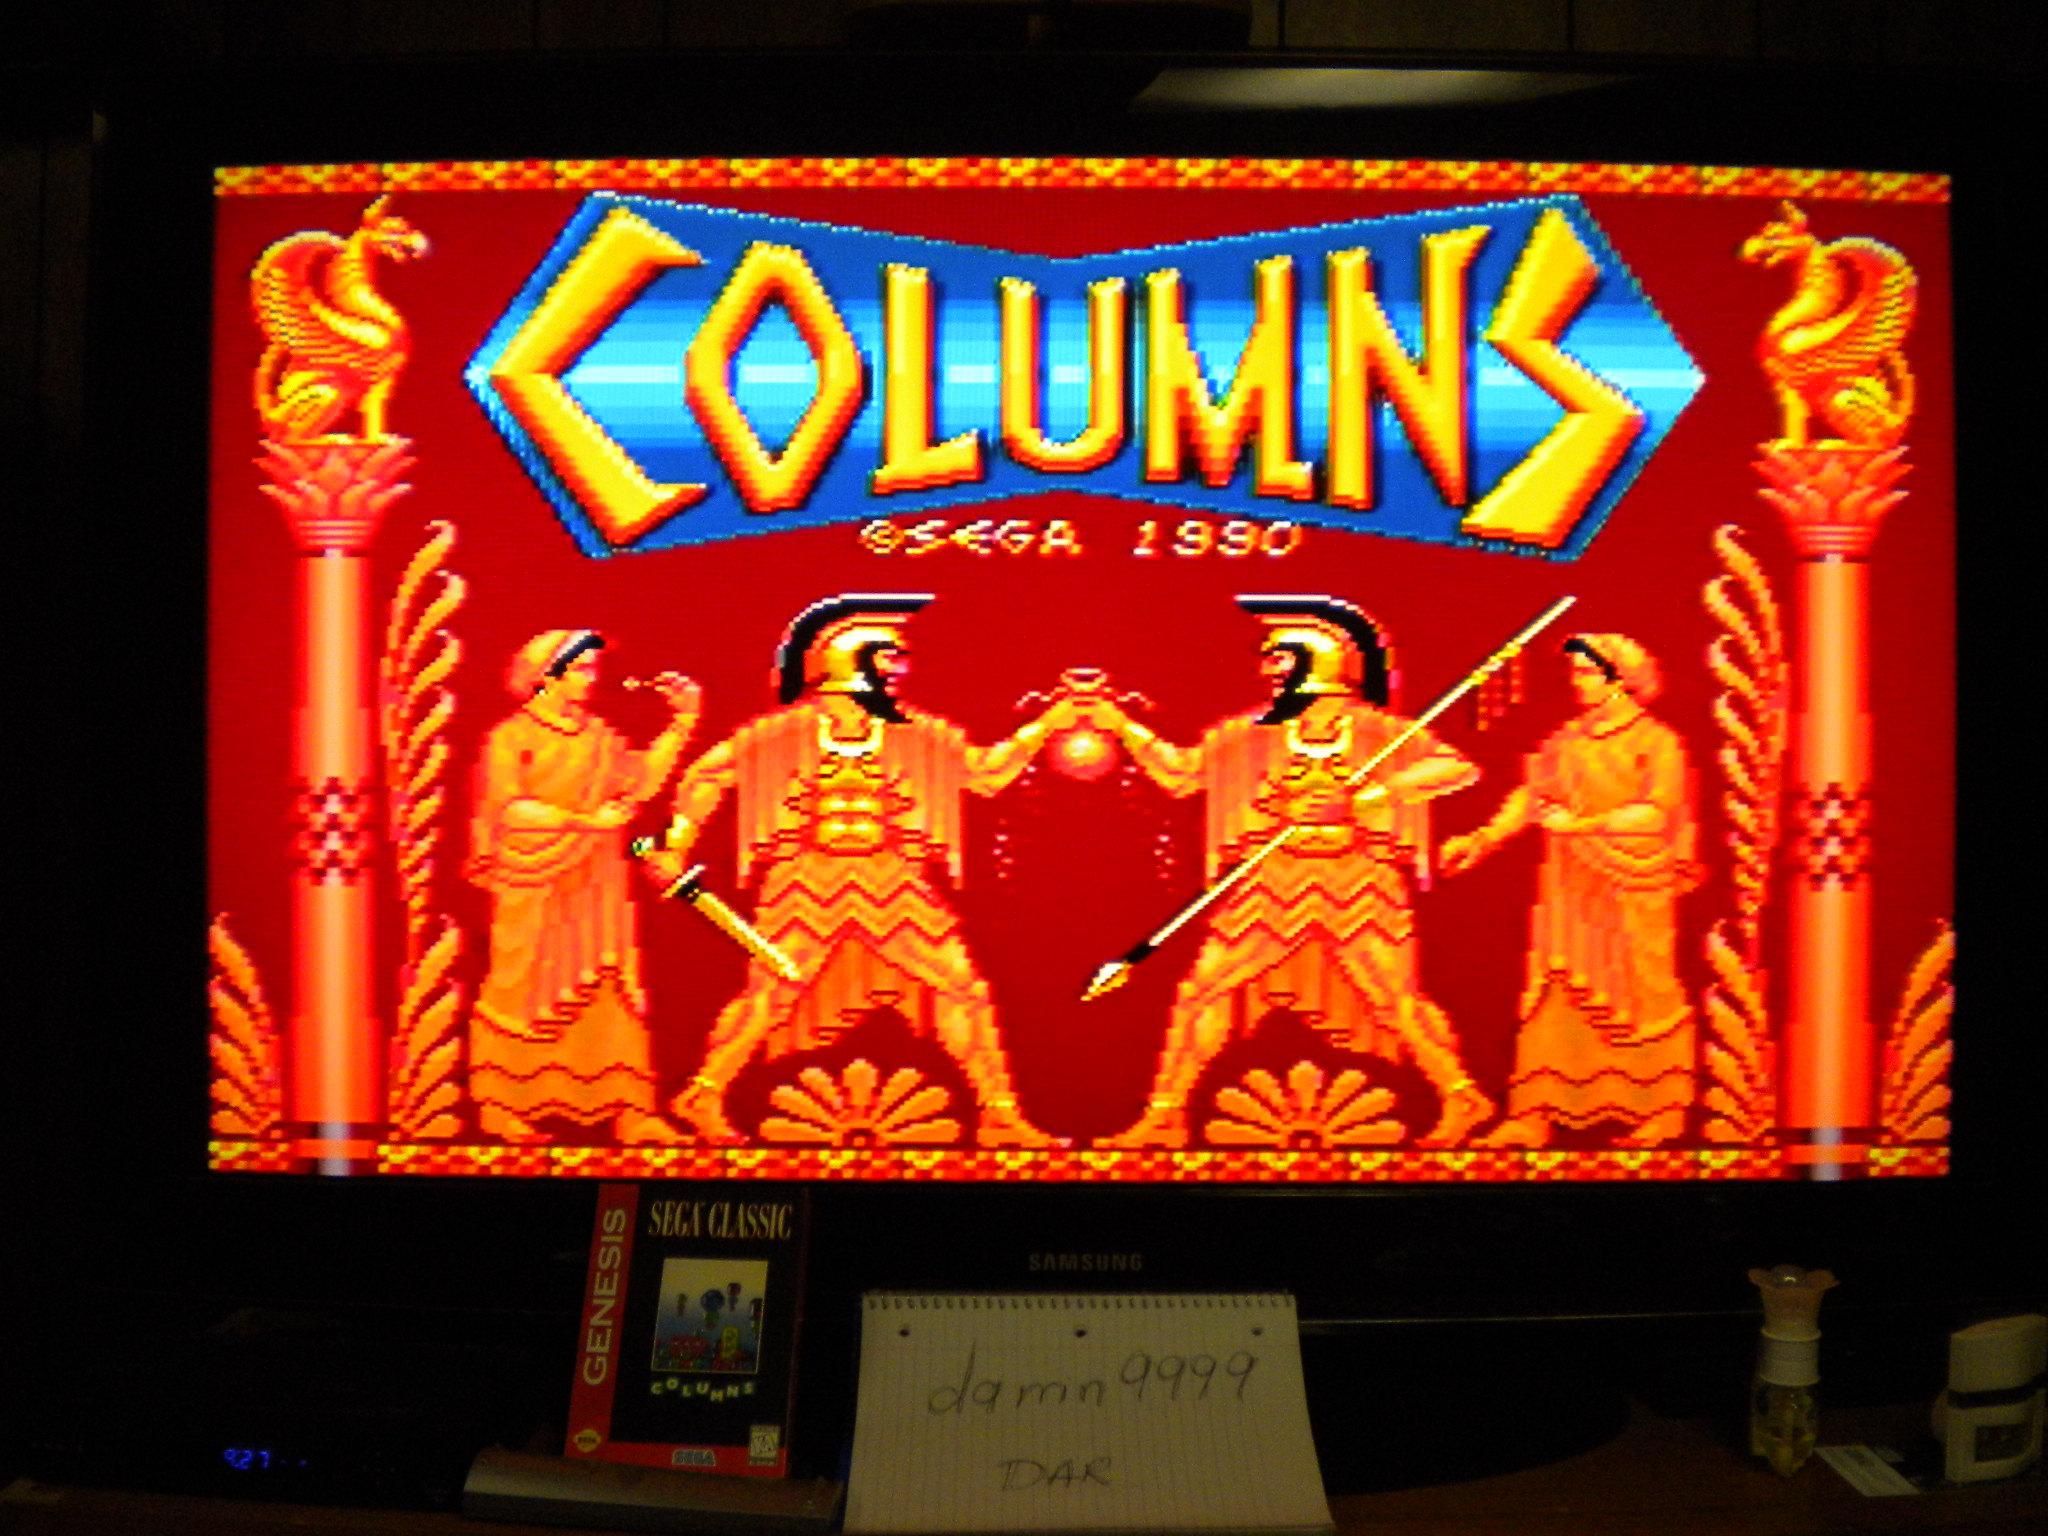 Columns 5,035 points